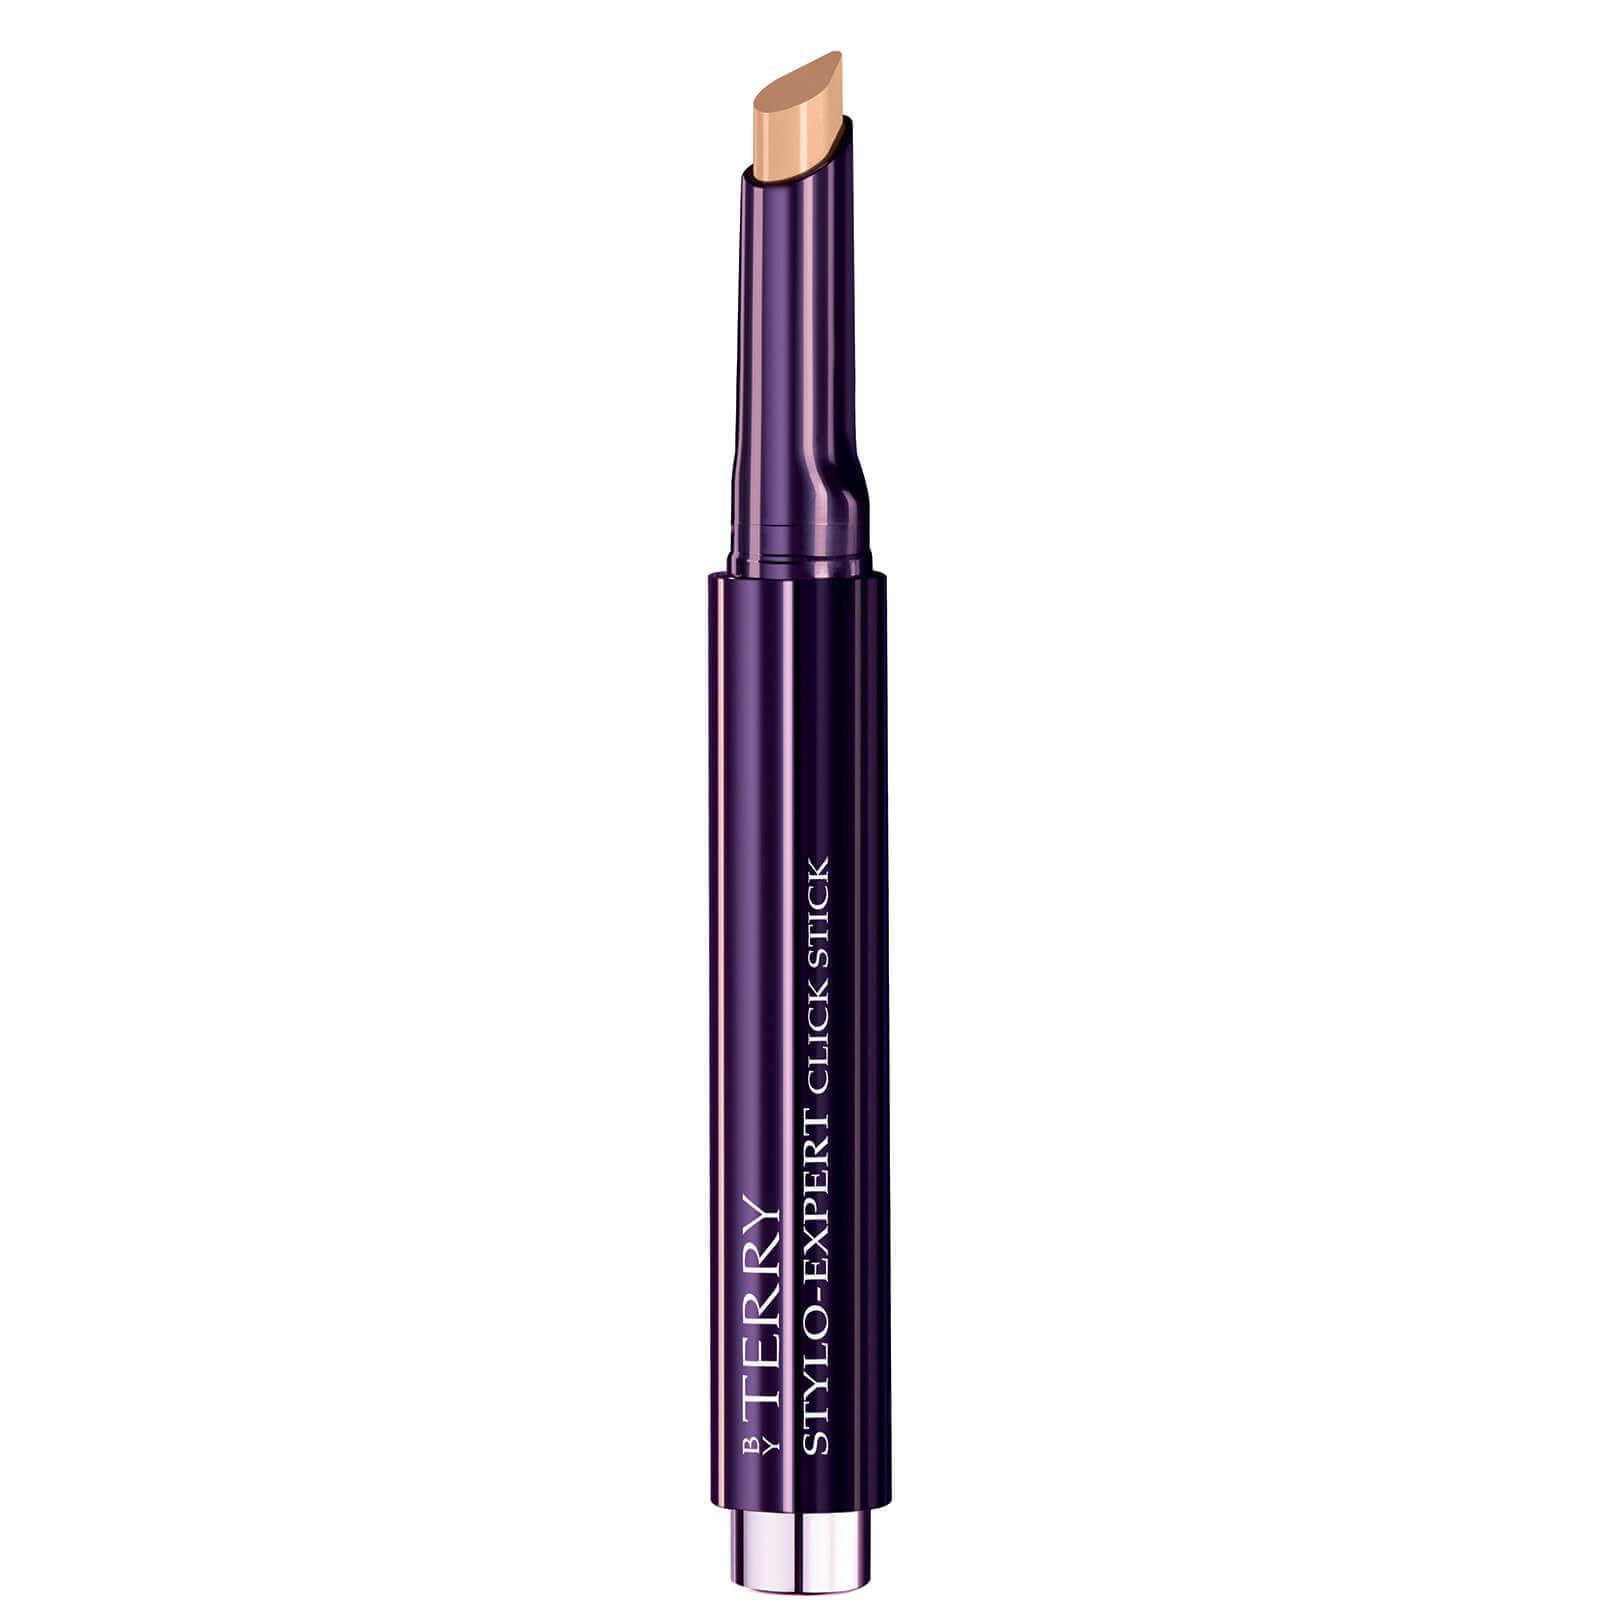 Купить Губная помада By Terry Rouge-Expert Click Stick Lipstick 1, 5 г (различные оттенки) - Orchid Glaze